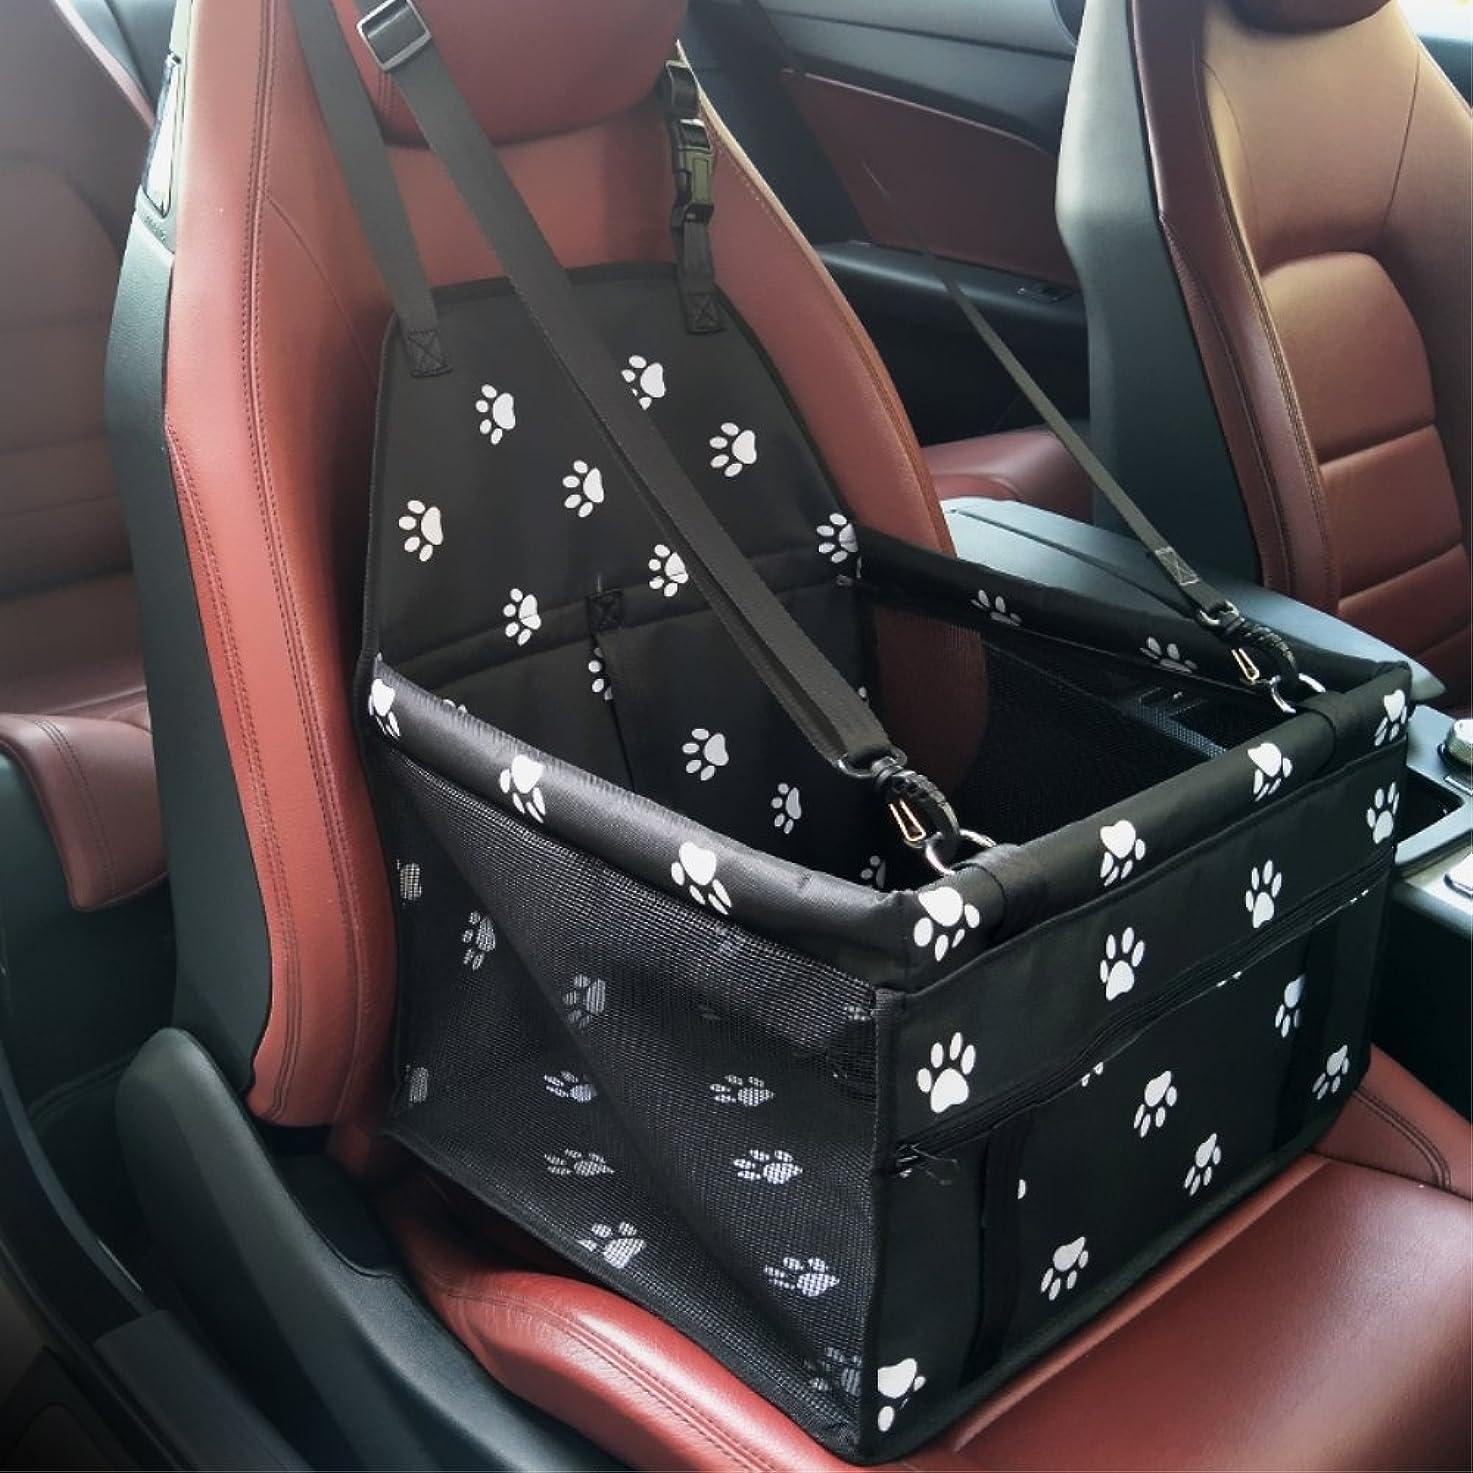 忍耐ステレオタイプ日帰り旅行に犬シートベルト ペットシートベルト HOMEOW 安全ベルト 犬シートベルト 簡単 車専用リード ドライブ 飛びつく防止 長さ90cmまで調整可 反射テップ付き ブラック 全車種対応